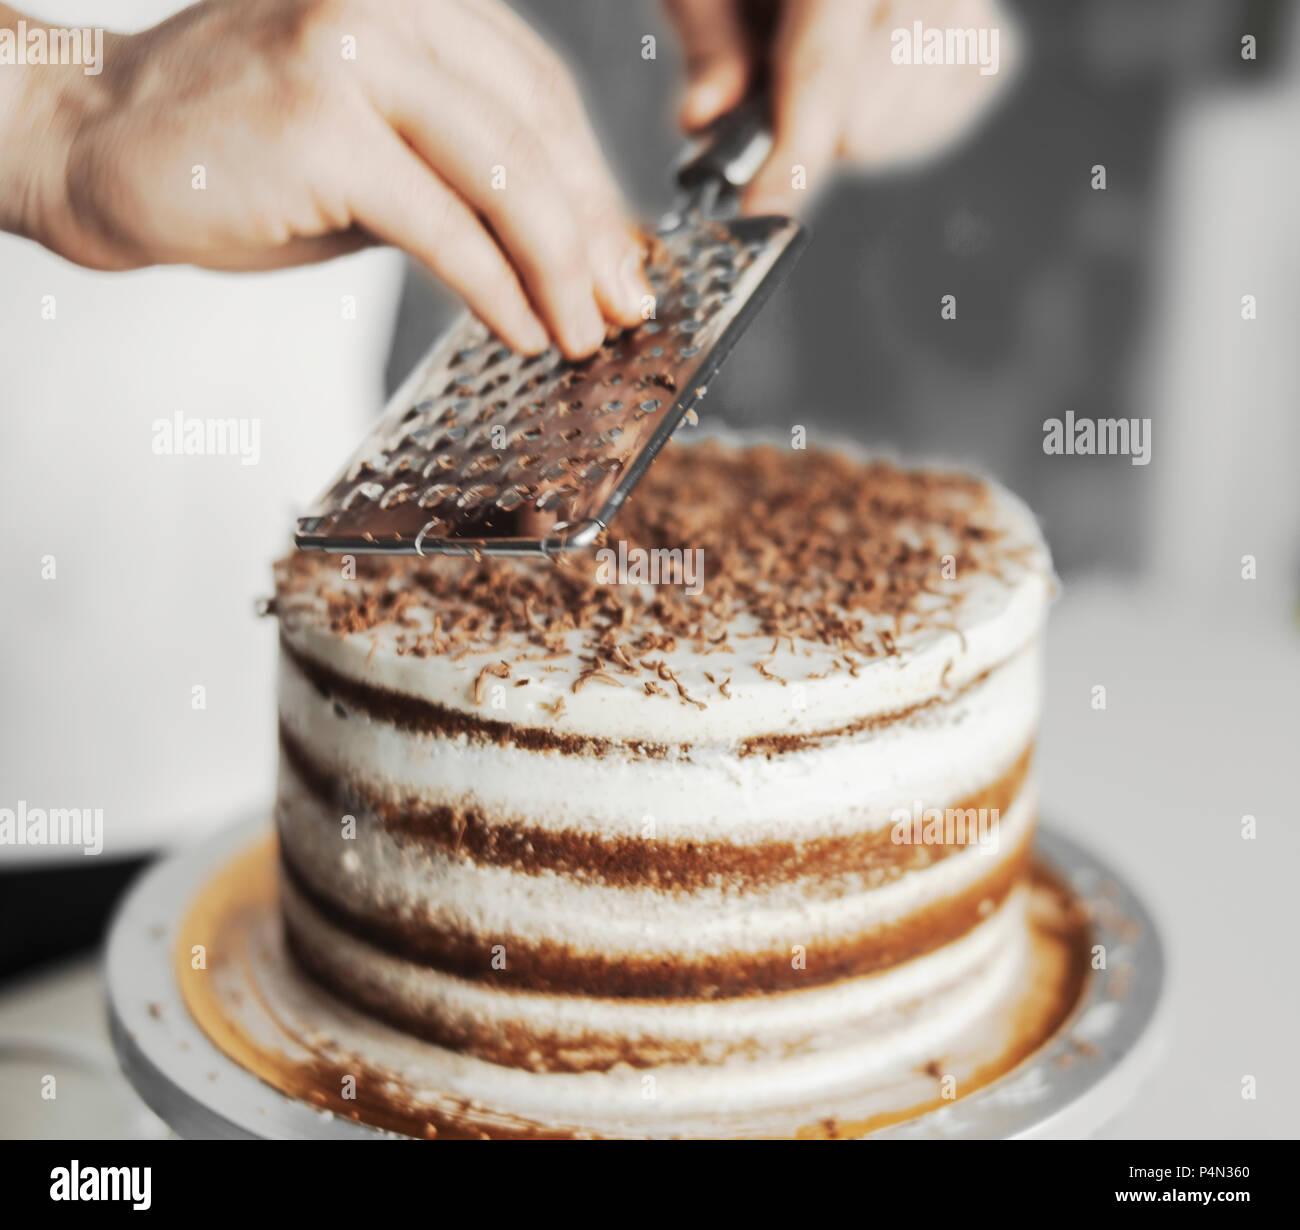 Jungen Attraktiven Mann Dekorieren Kuchen Mit Dunkler Schokolade